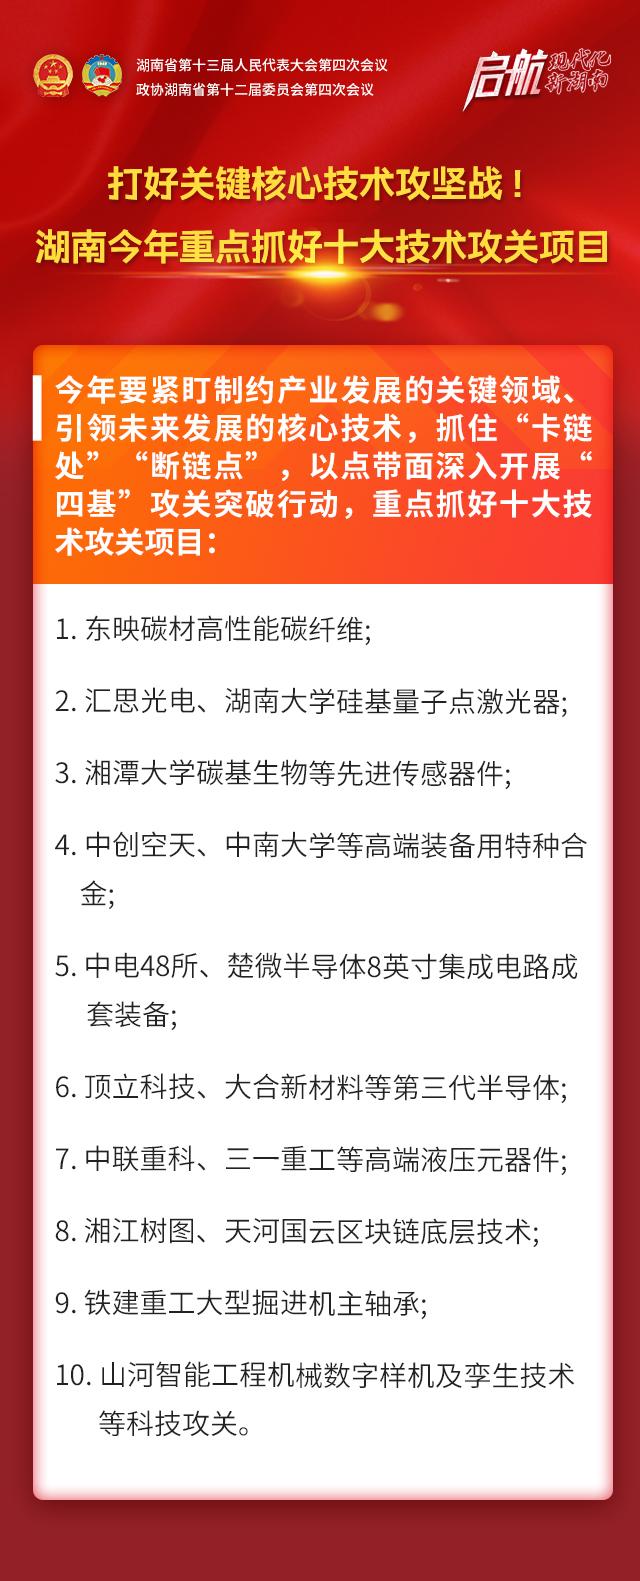 打好关键核心技术攻坚战!湖南今年重点抓好十大技术攻关项目 新湖南www.hunanabc.com